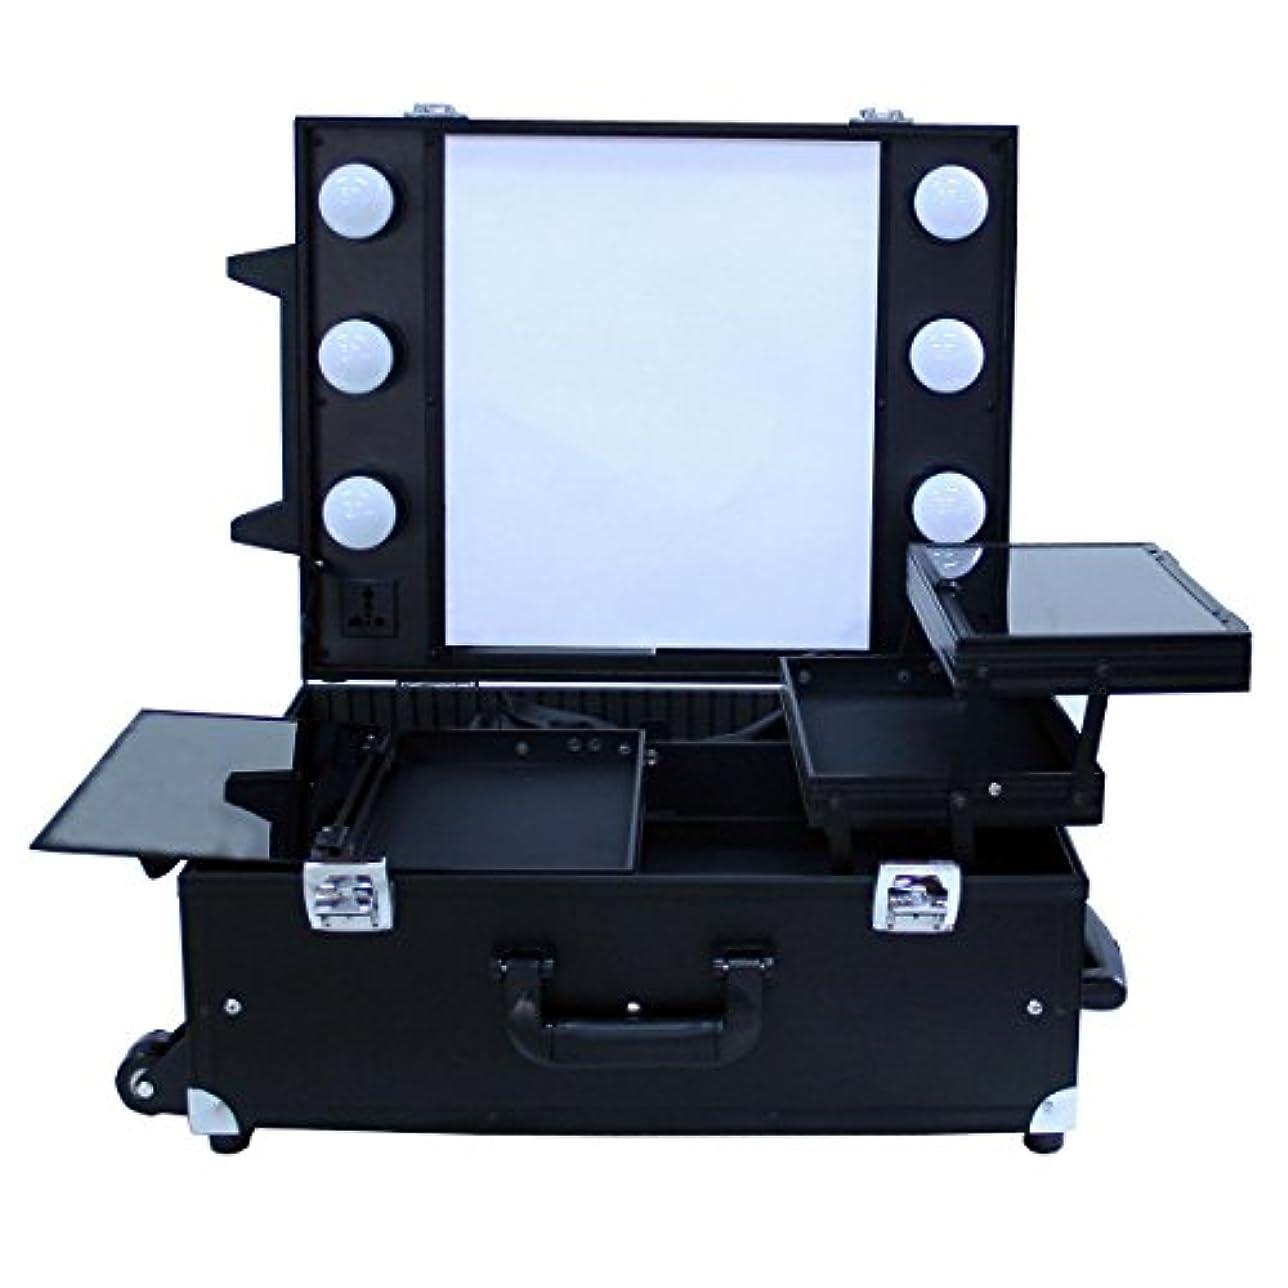 湿度眼一般化するプロ用卓上式メイクステーション|DB9552K|コスメボックス|メイク用品の収納に|Desktop Make station (ブラック)